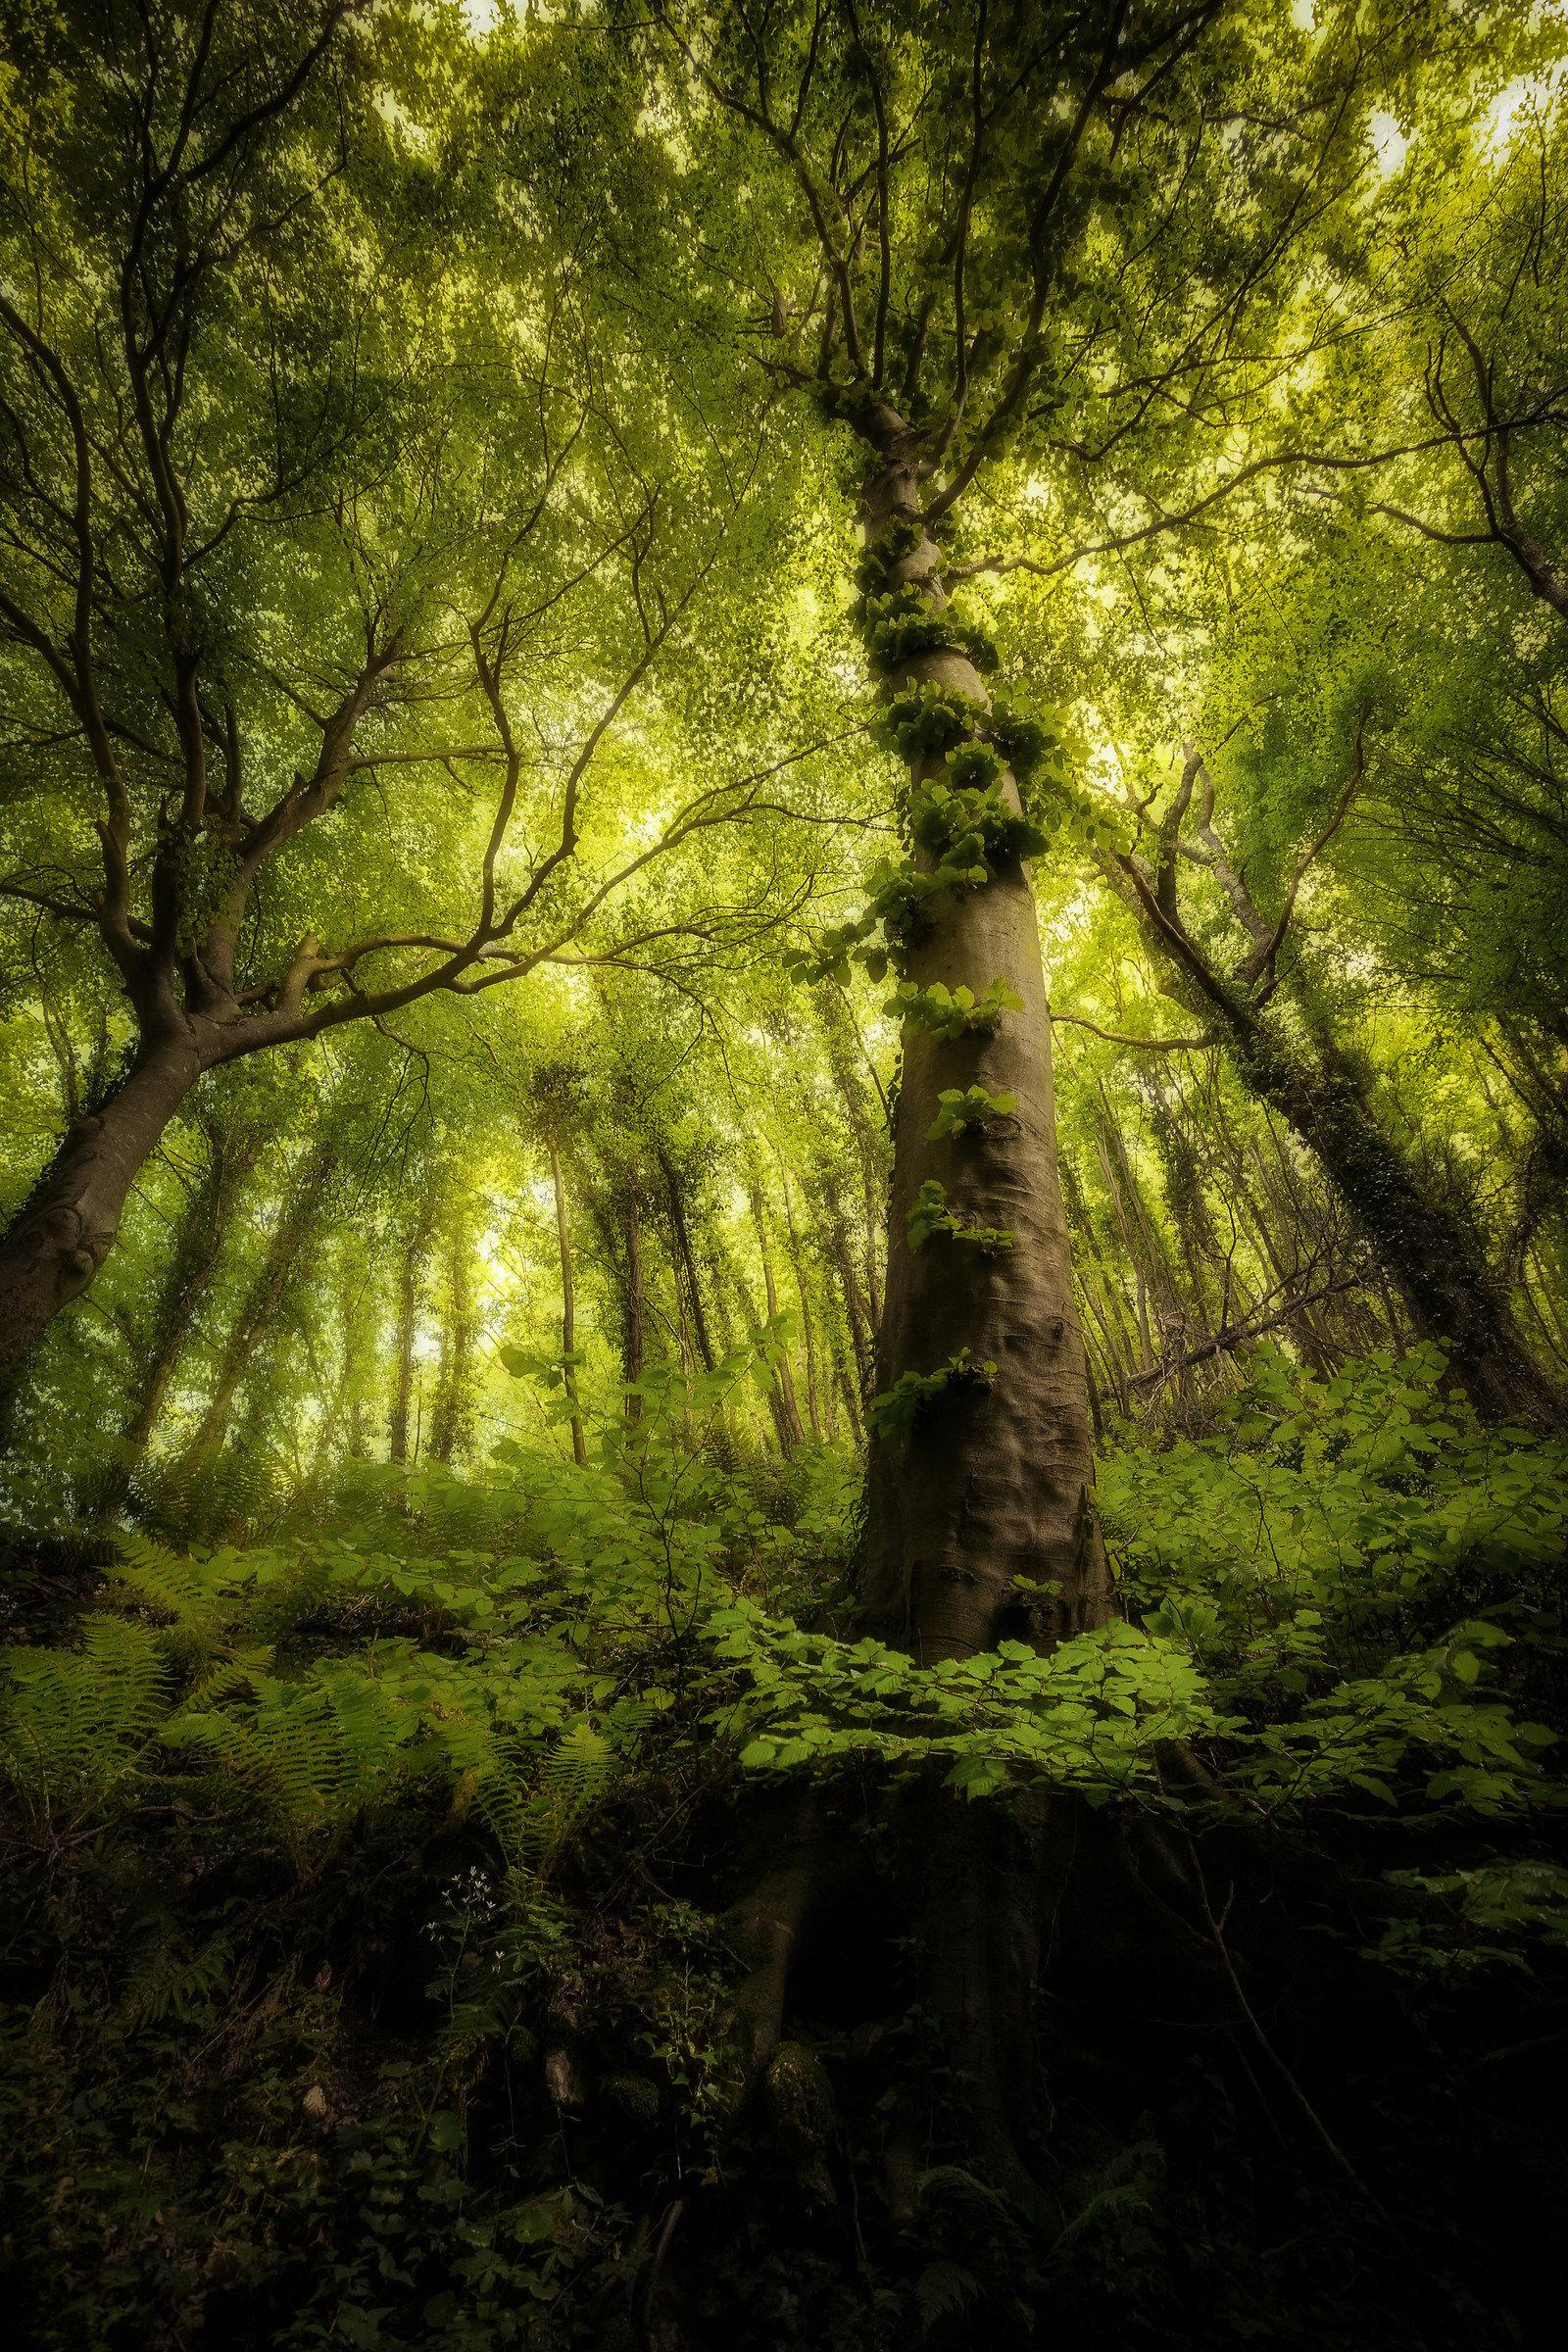 Tree of light...